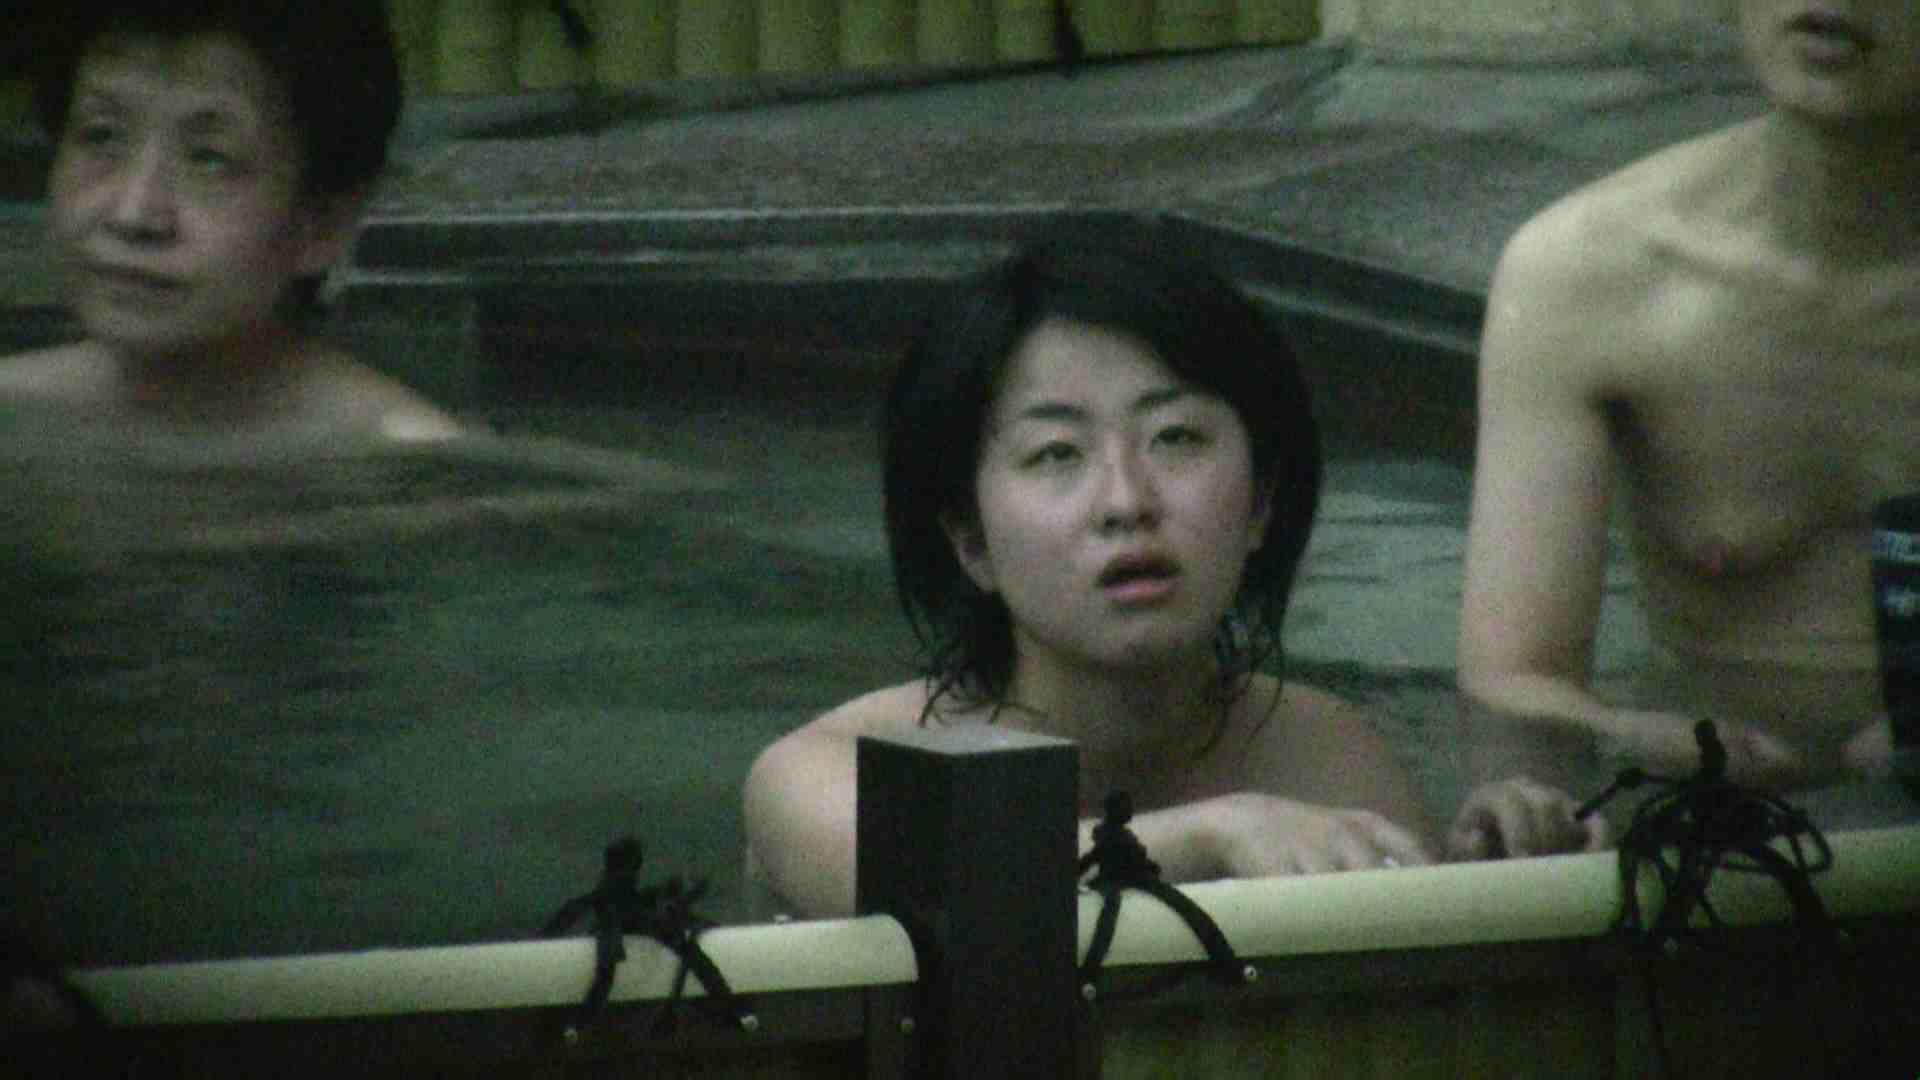 Aquaな露天風呂Vol.112 盗撮シリーズ  93PIX 14